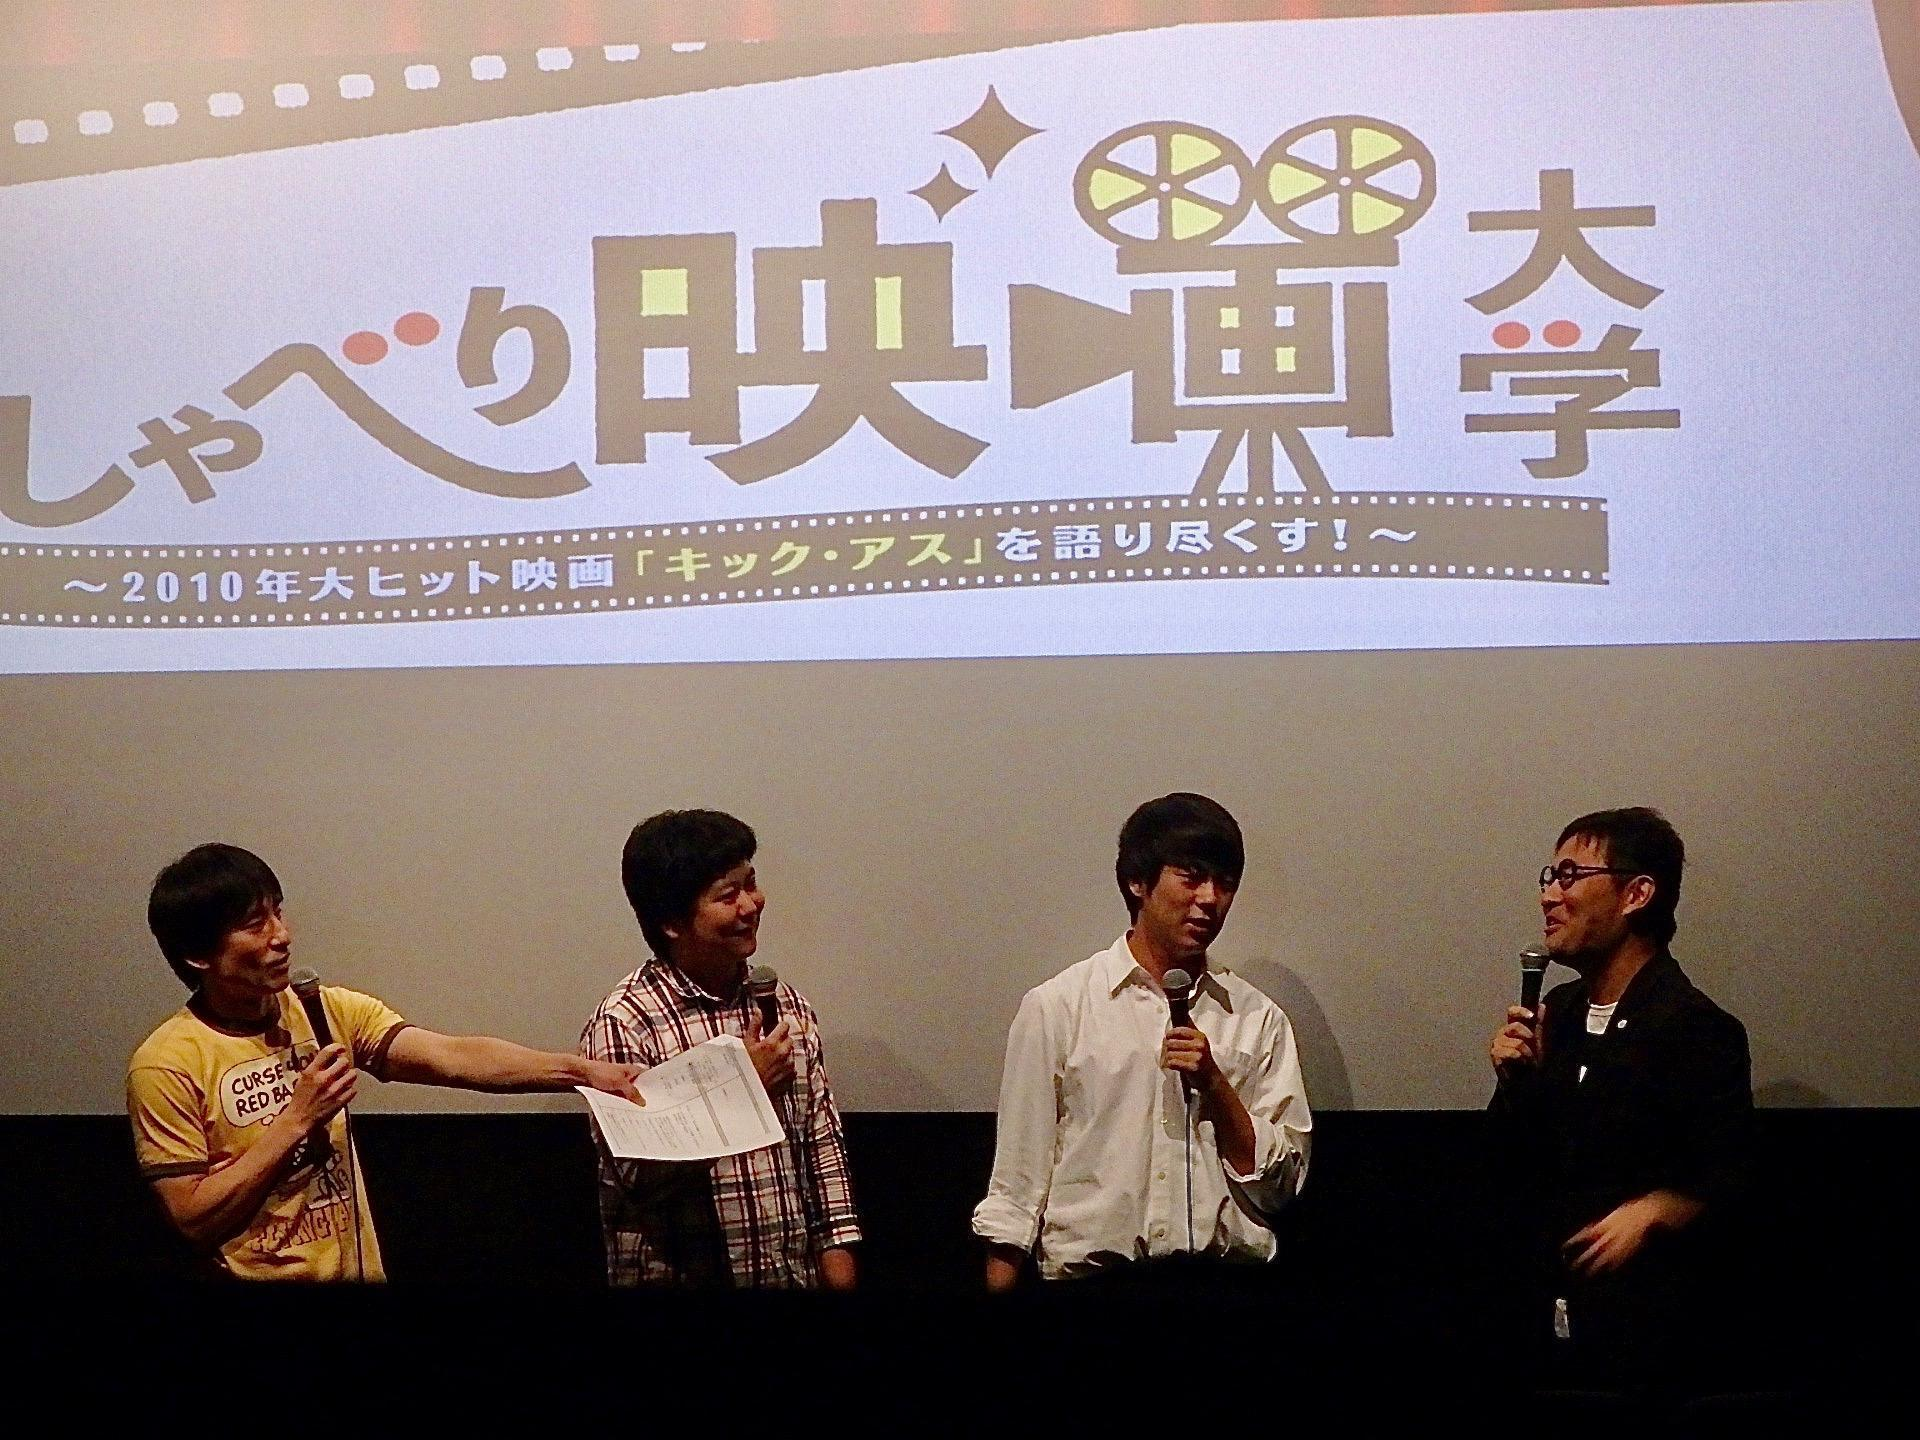 http://news.yoshimoto.co.jp/20171006132807-0bc6fbcf4b7c49569ab8b18d9cf0a051fd581912.jpg